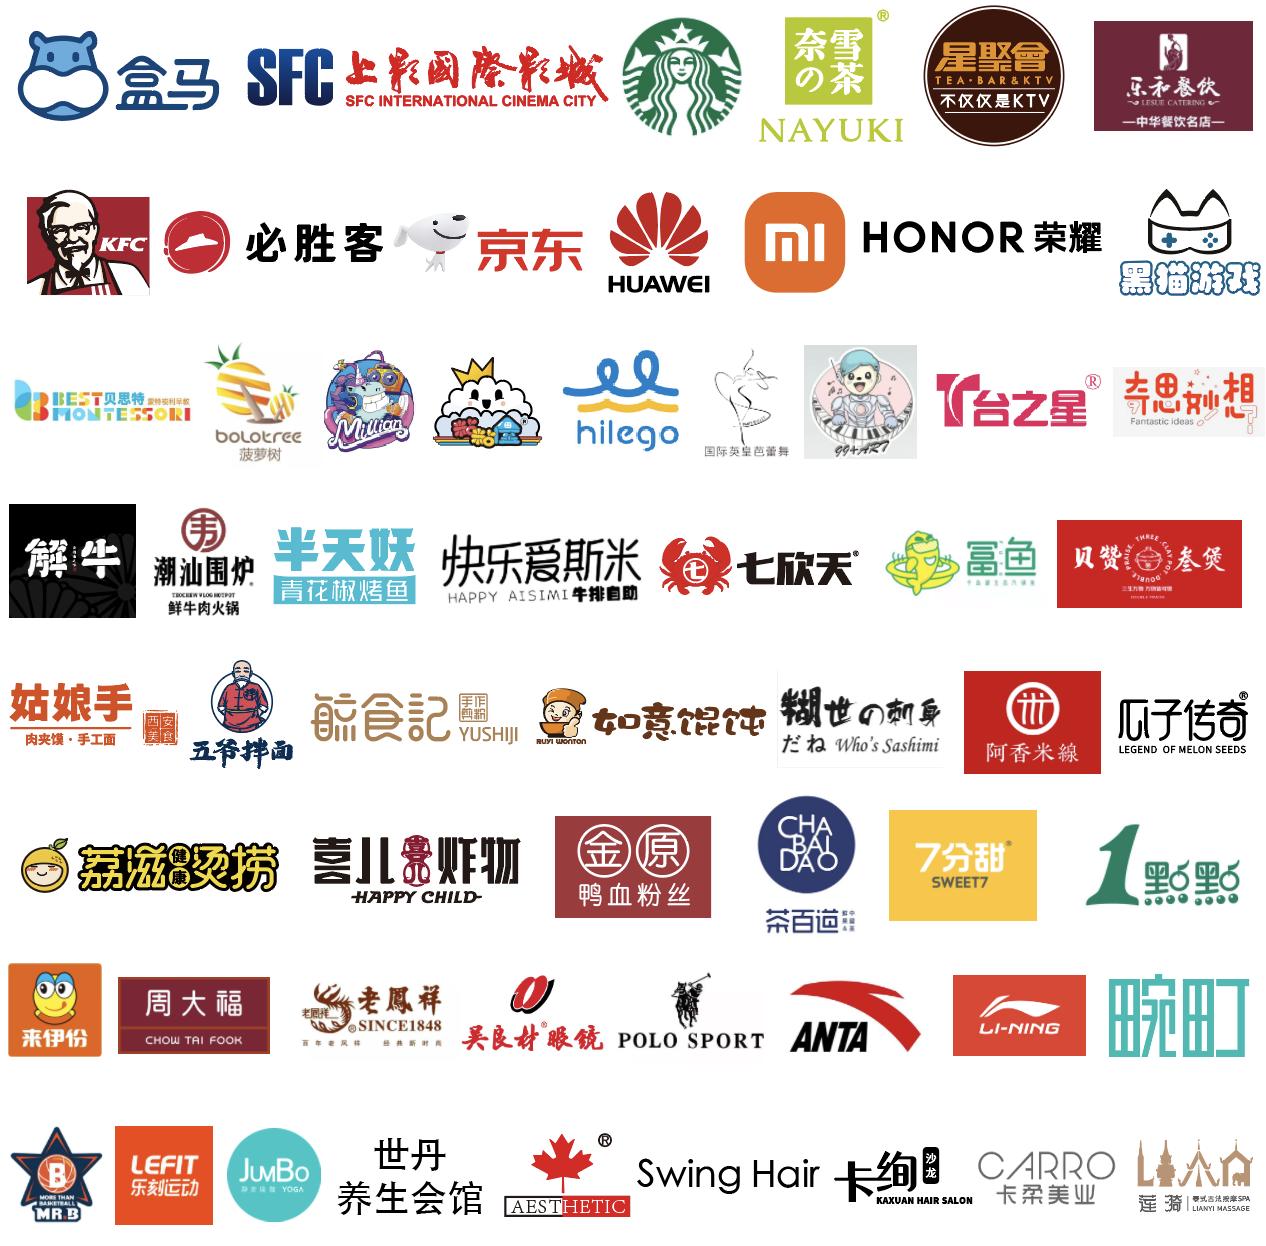 恒达平台登录网址定了!12月18日开业!河西金地广场主力品牌曝光,含多家区域首店!